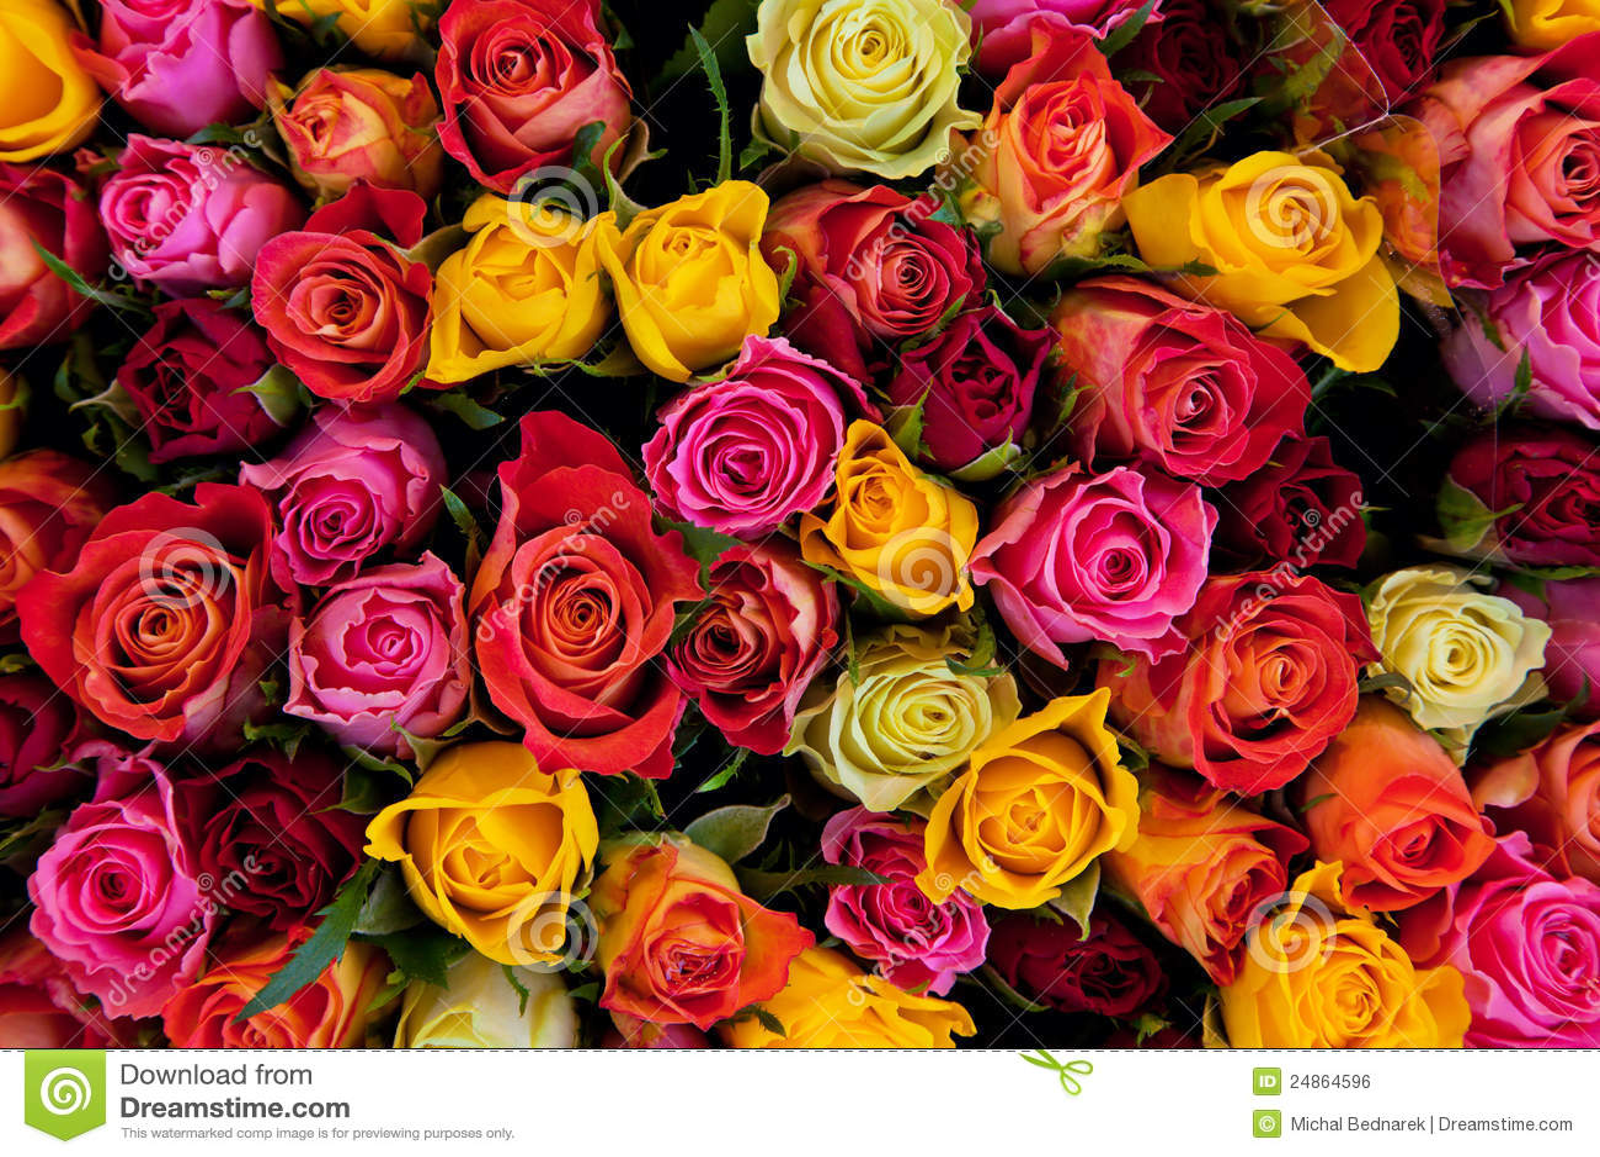 Fondo colorido de las rosas